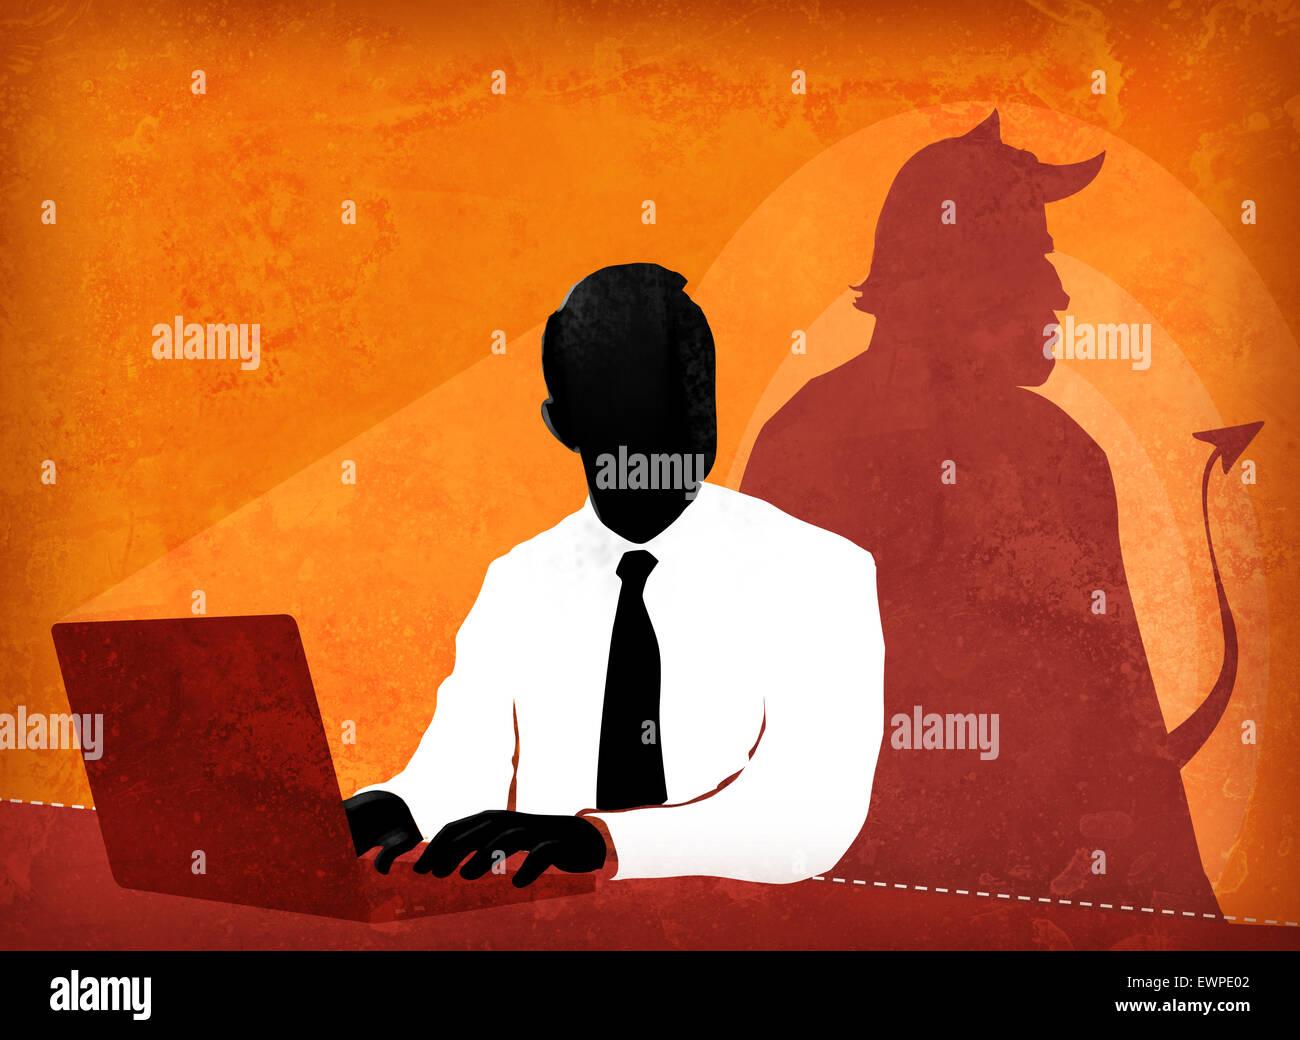 Empresario haciendo propaganda falsa Imagen De Stock